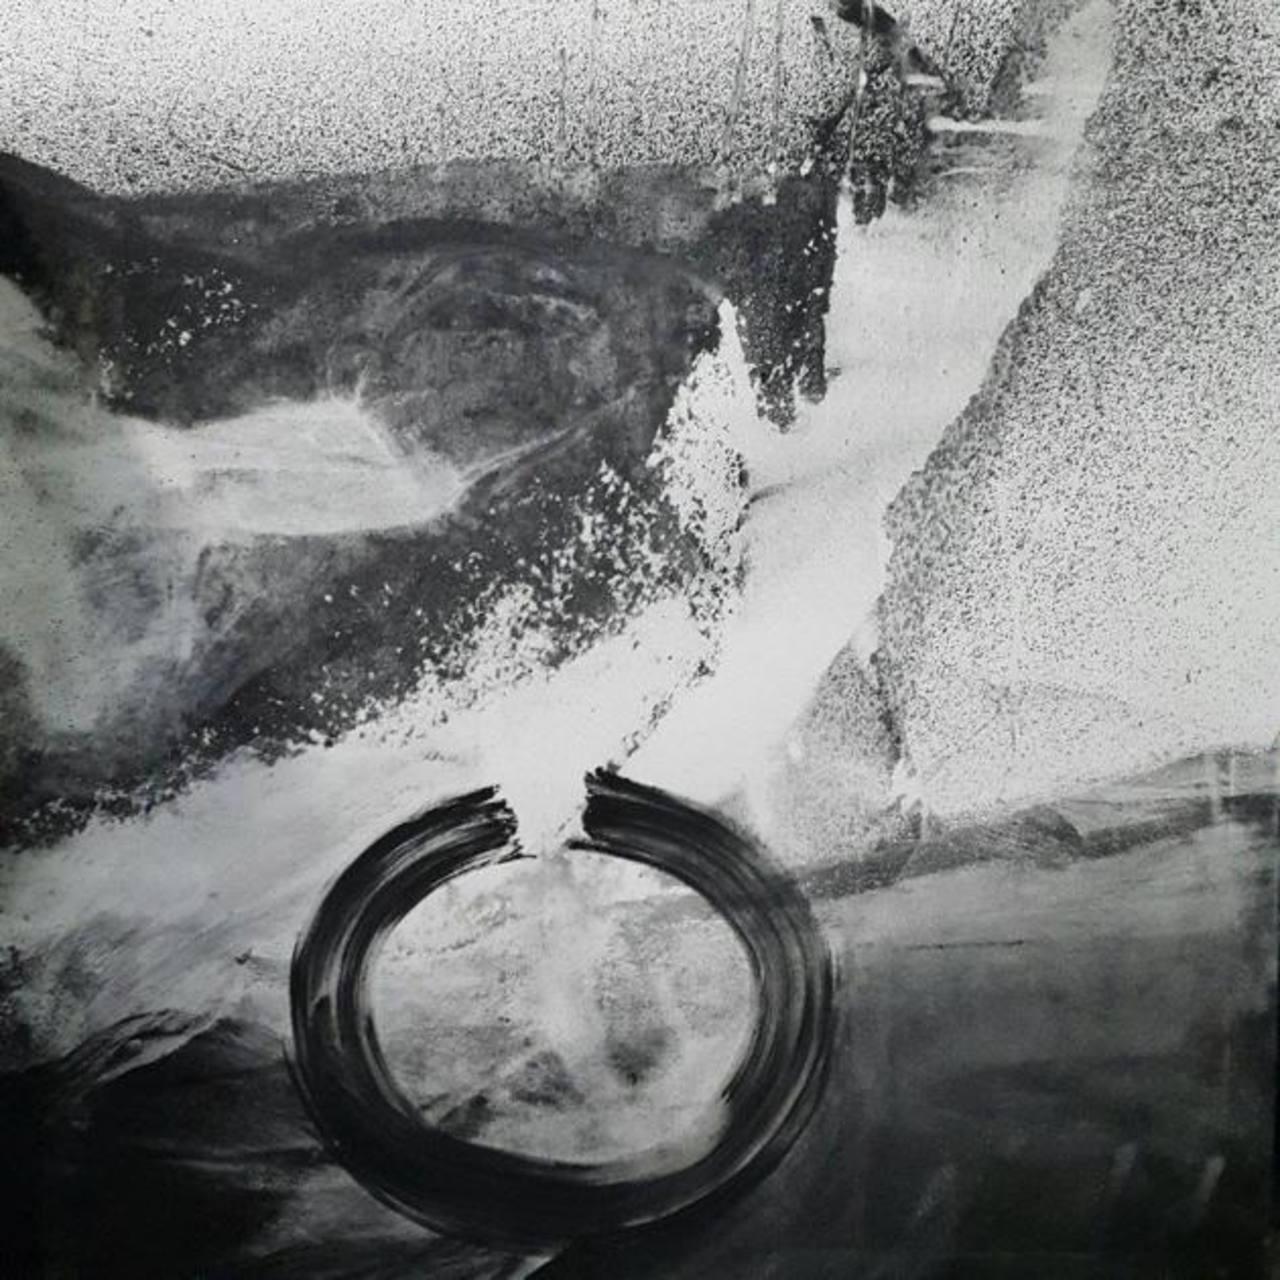 Génesis, de César Menéndez, quien escribió un ensayo sobre la muestra y el abstracto en el país.